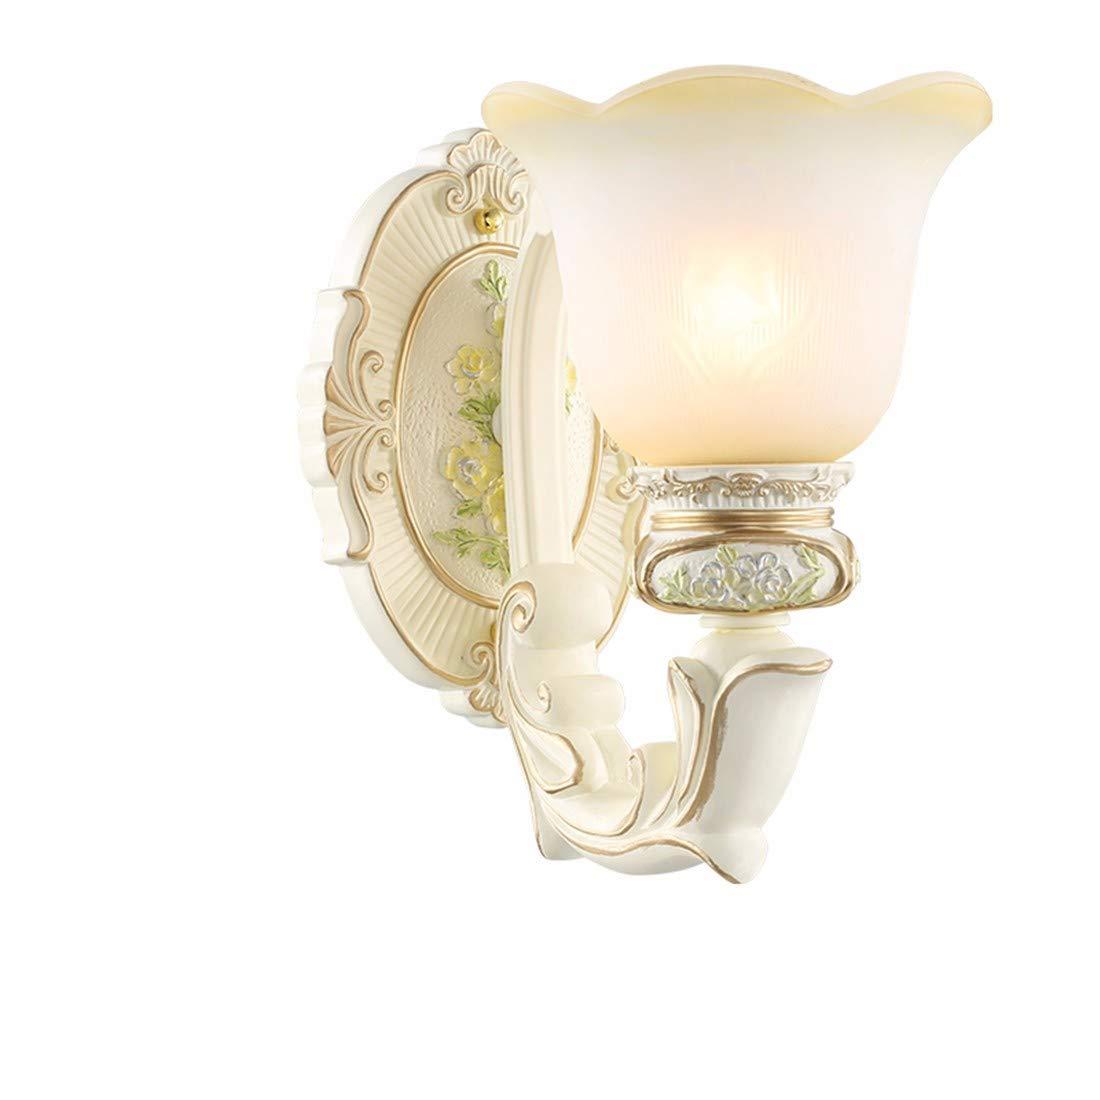 T-ZBDZ Wohnzimmer-Wandlampe der Europäischen Art moderne Restaurantgang-Treppenhausschlafzimmernachtwandlampe, einzelner Kopf